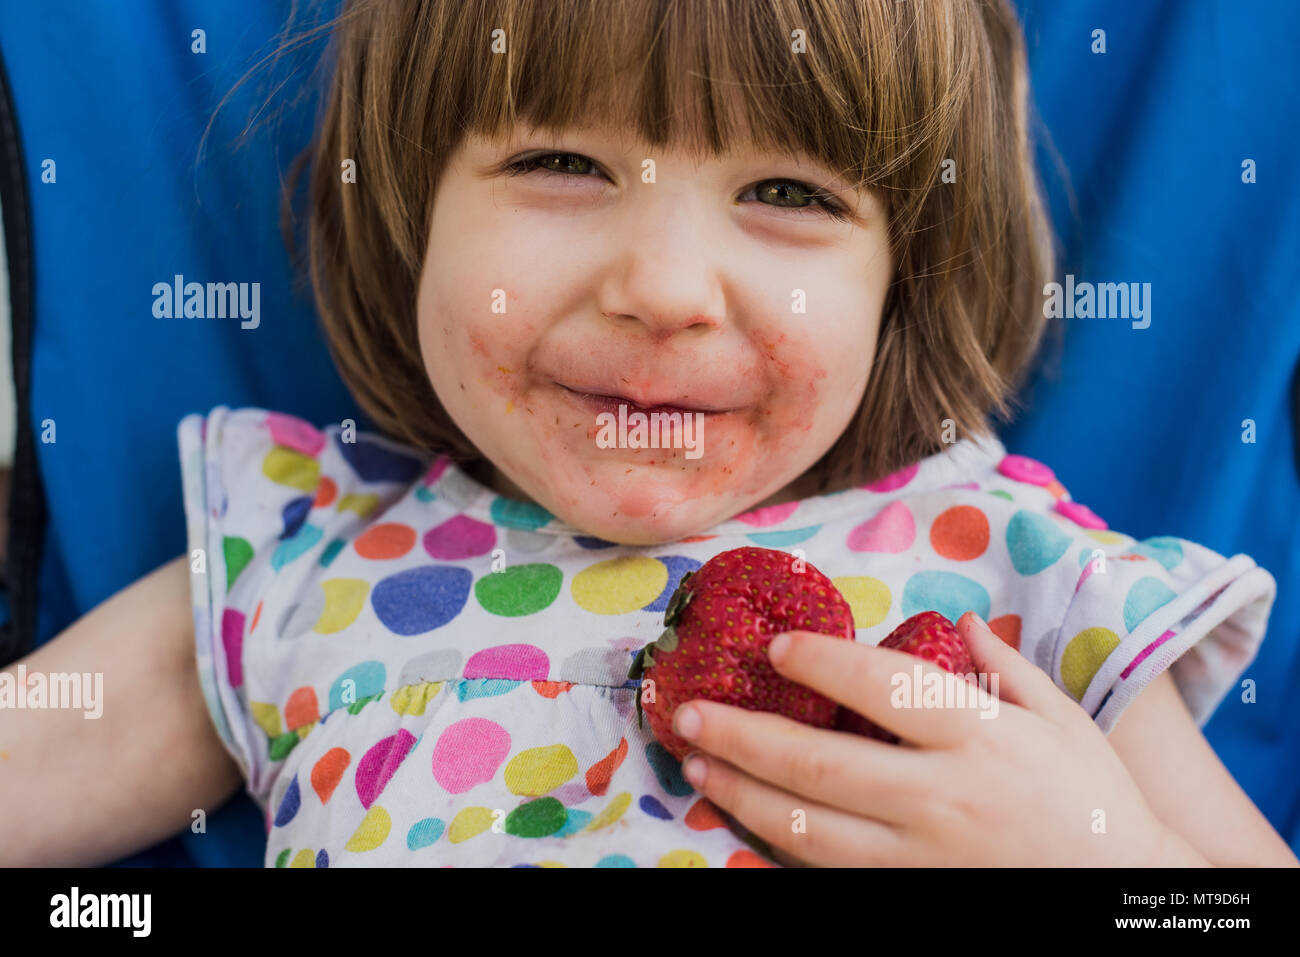 Ein 3 Jahre altes Kleinkind isst eine Erdbeere. Stockbild